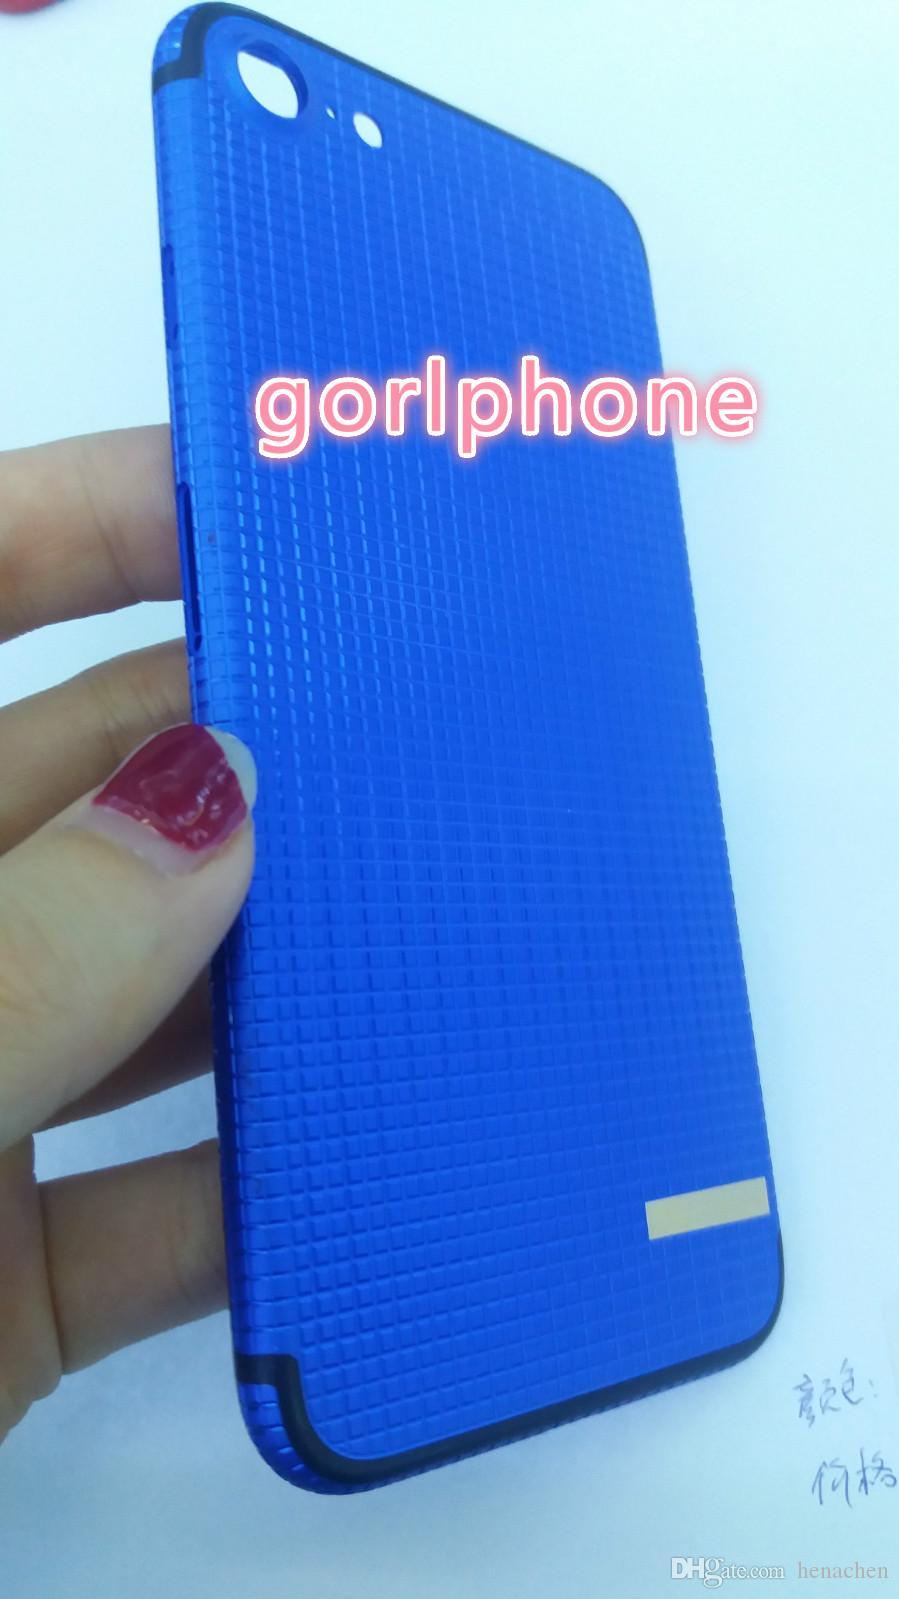 العلامه التجارية للهاتف المحمول الجديد لفون 7 مخصص عودة القضية الملونة باتن باريس تصميم ملون ل iphone7 زائد حالة الإسكان الباب الخلفي